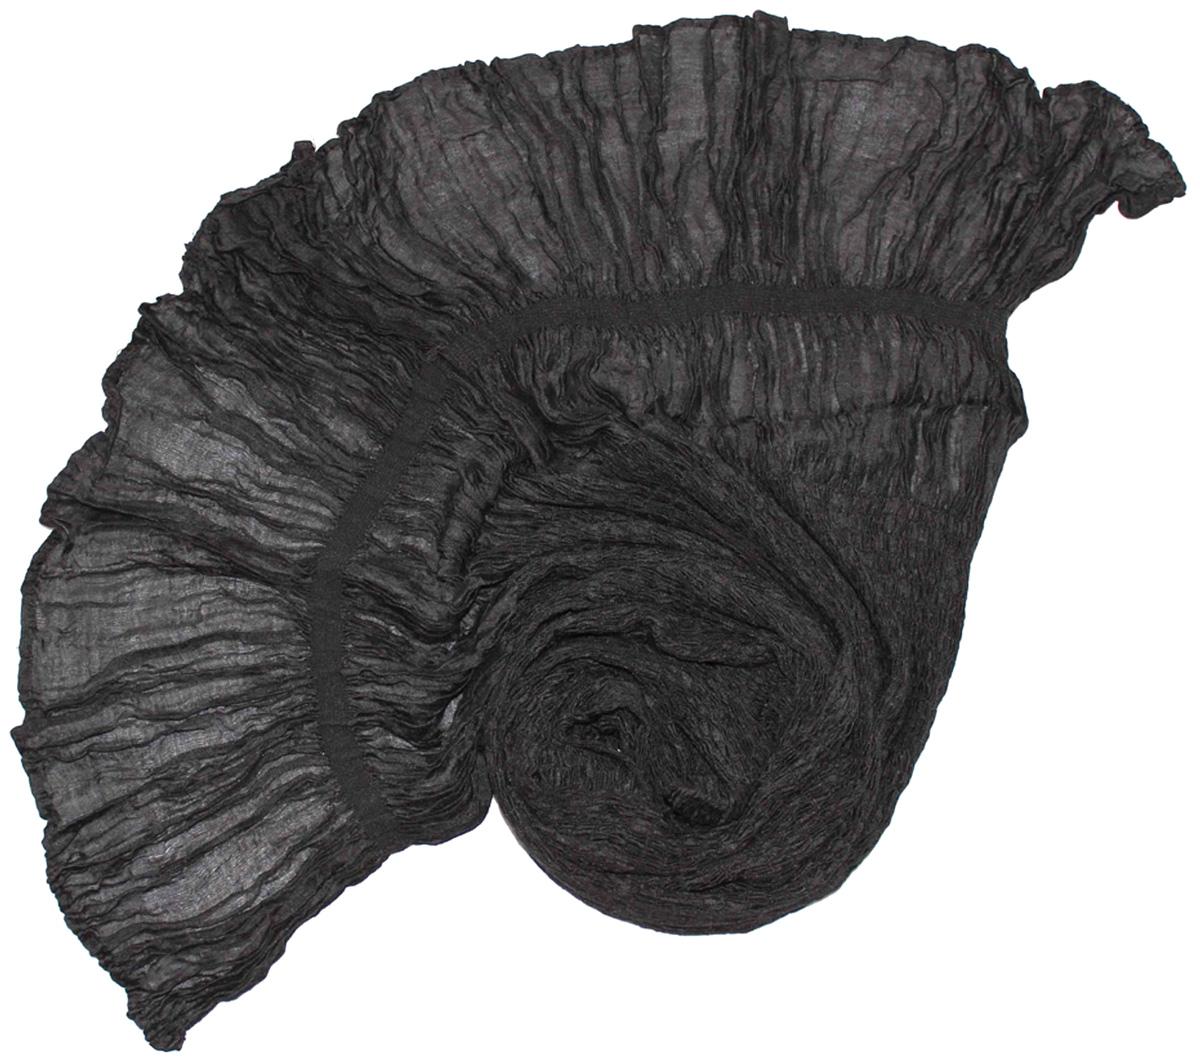 Шарф788180Женский шарф Ethnica, изготовленный из 100% шелка, подчеркнет вашу индивидуальность. Благодаря своему составу, он легкий, мягкий и приятный на ощупь. Изделие выполнено в однотонном дизайне. Такой аксессуар станет стильным дополнением к гардеробу современной женщины.